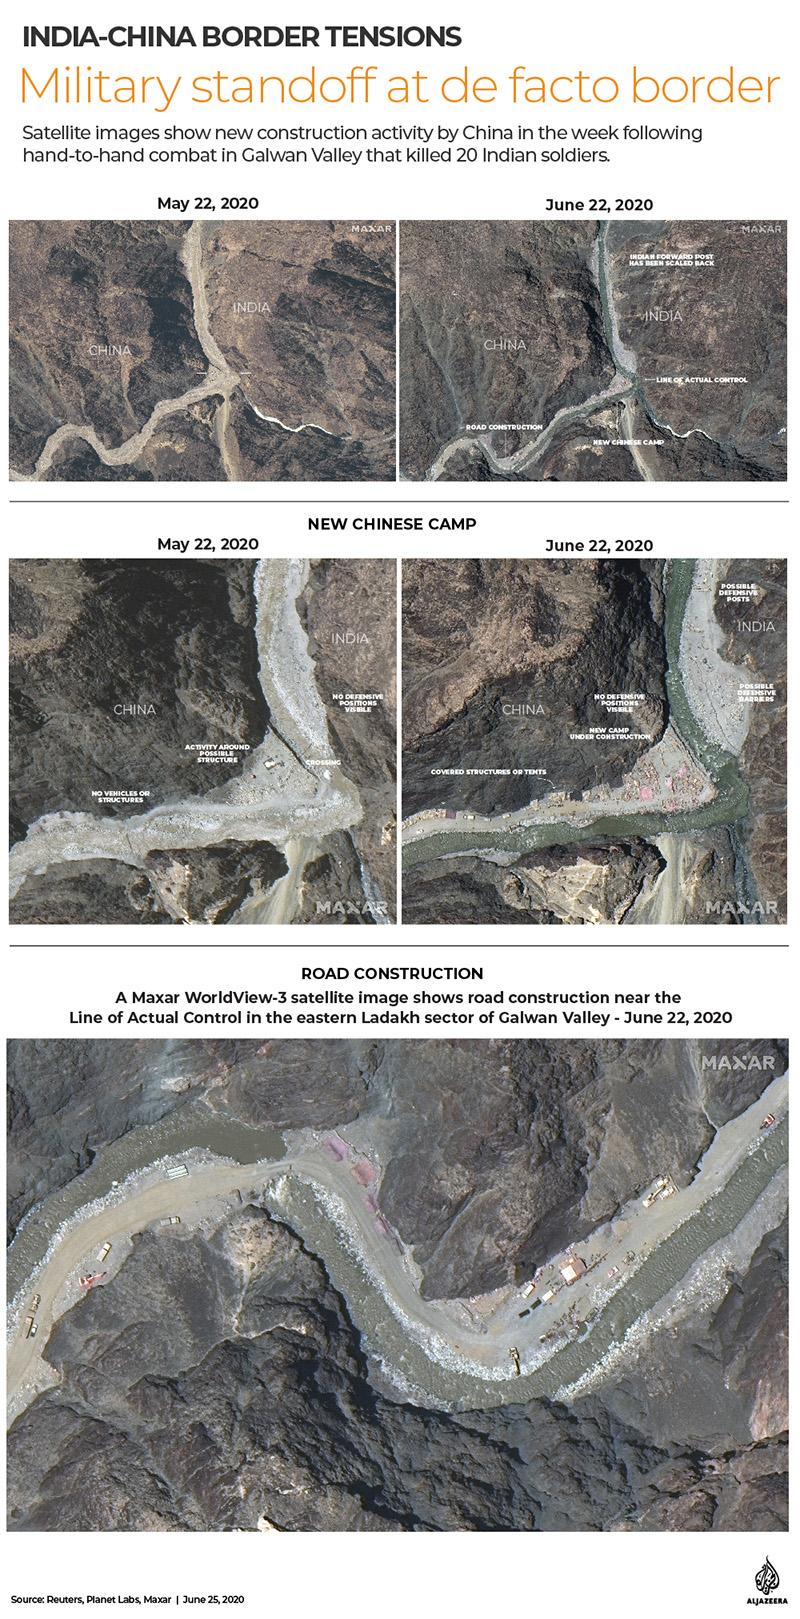 INTERACTIVE: China-India border tensions